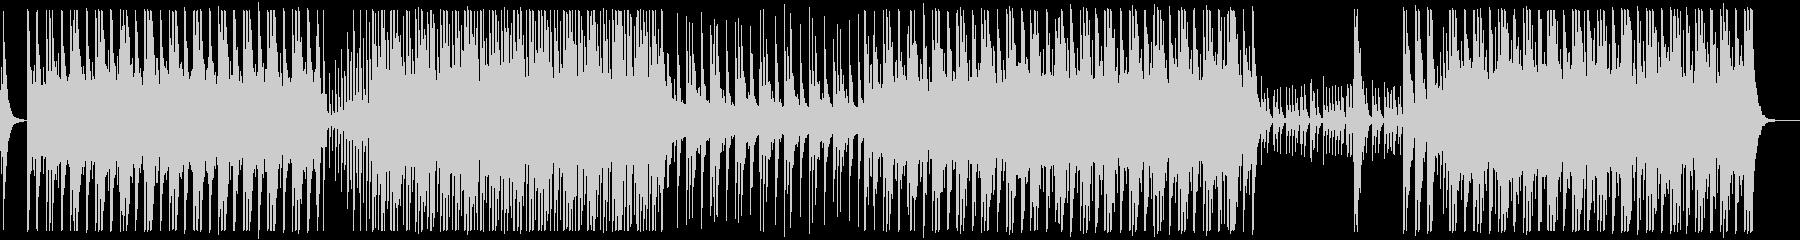 シンプルで力強い和太鼓アンサンブルBGMの未再生の波形